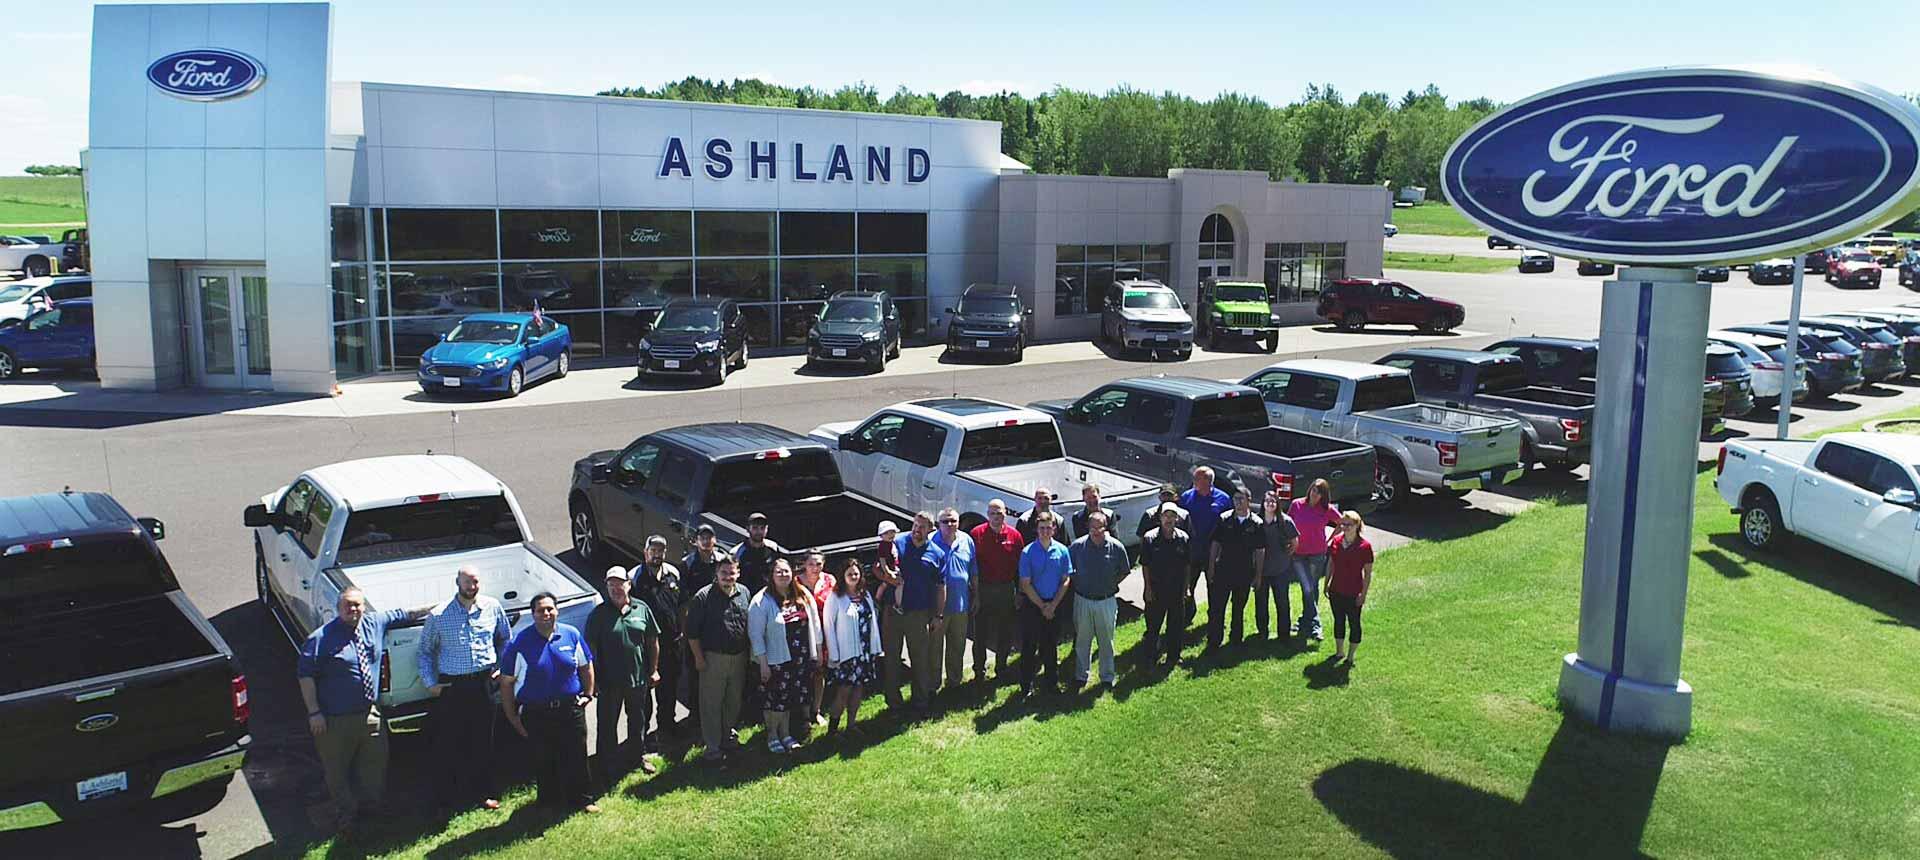 Ashland Ford Chrysler Hero Desktop